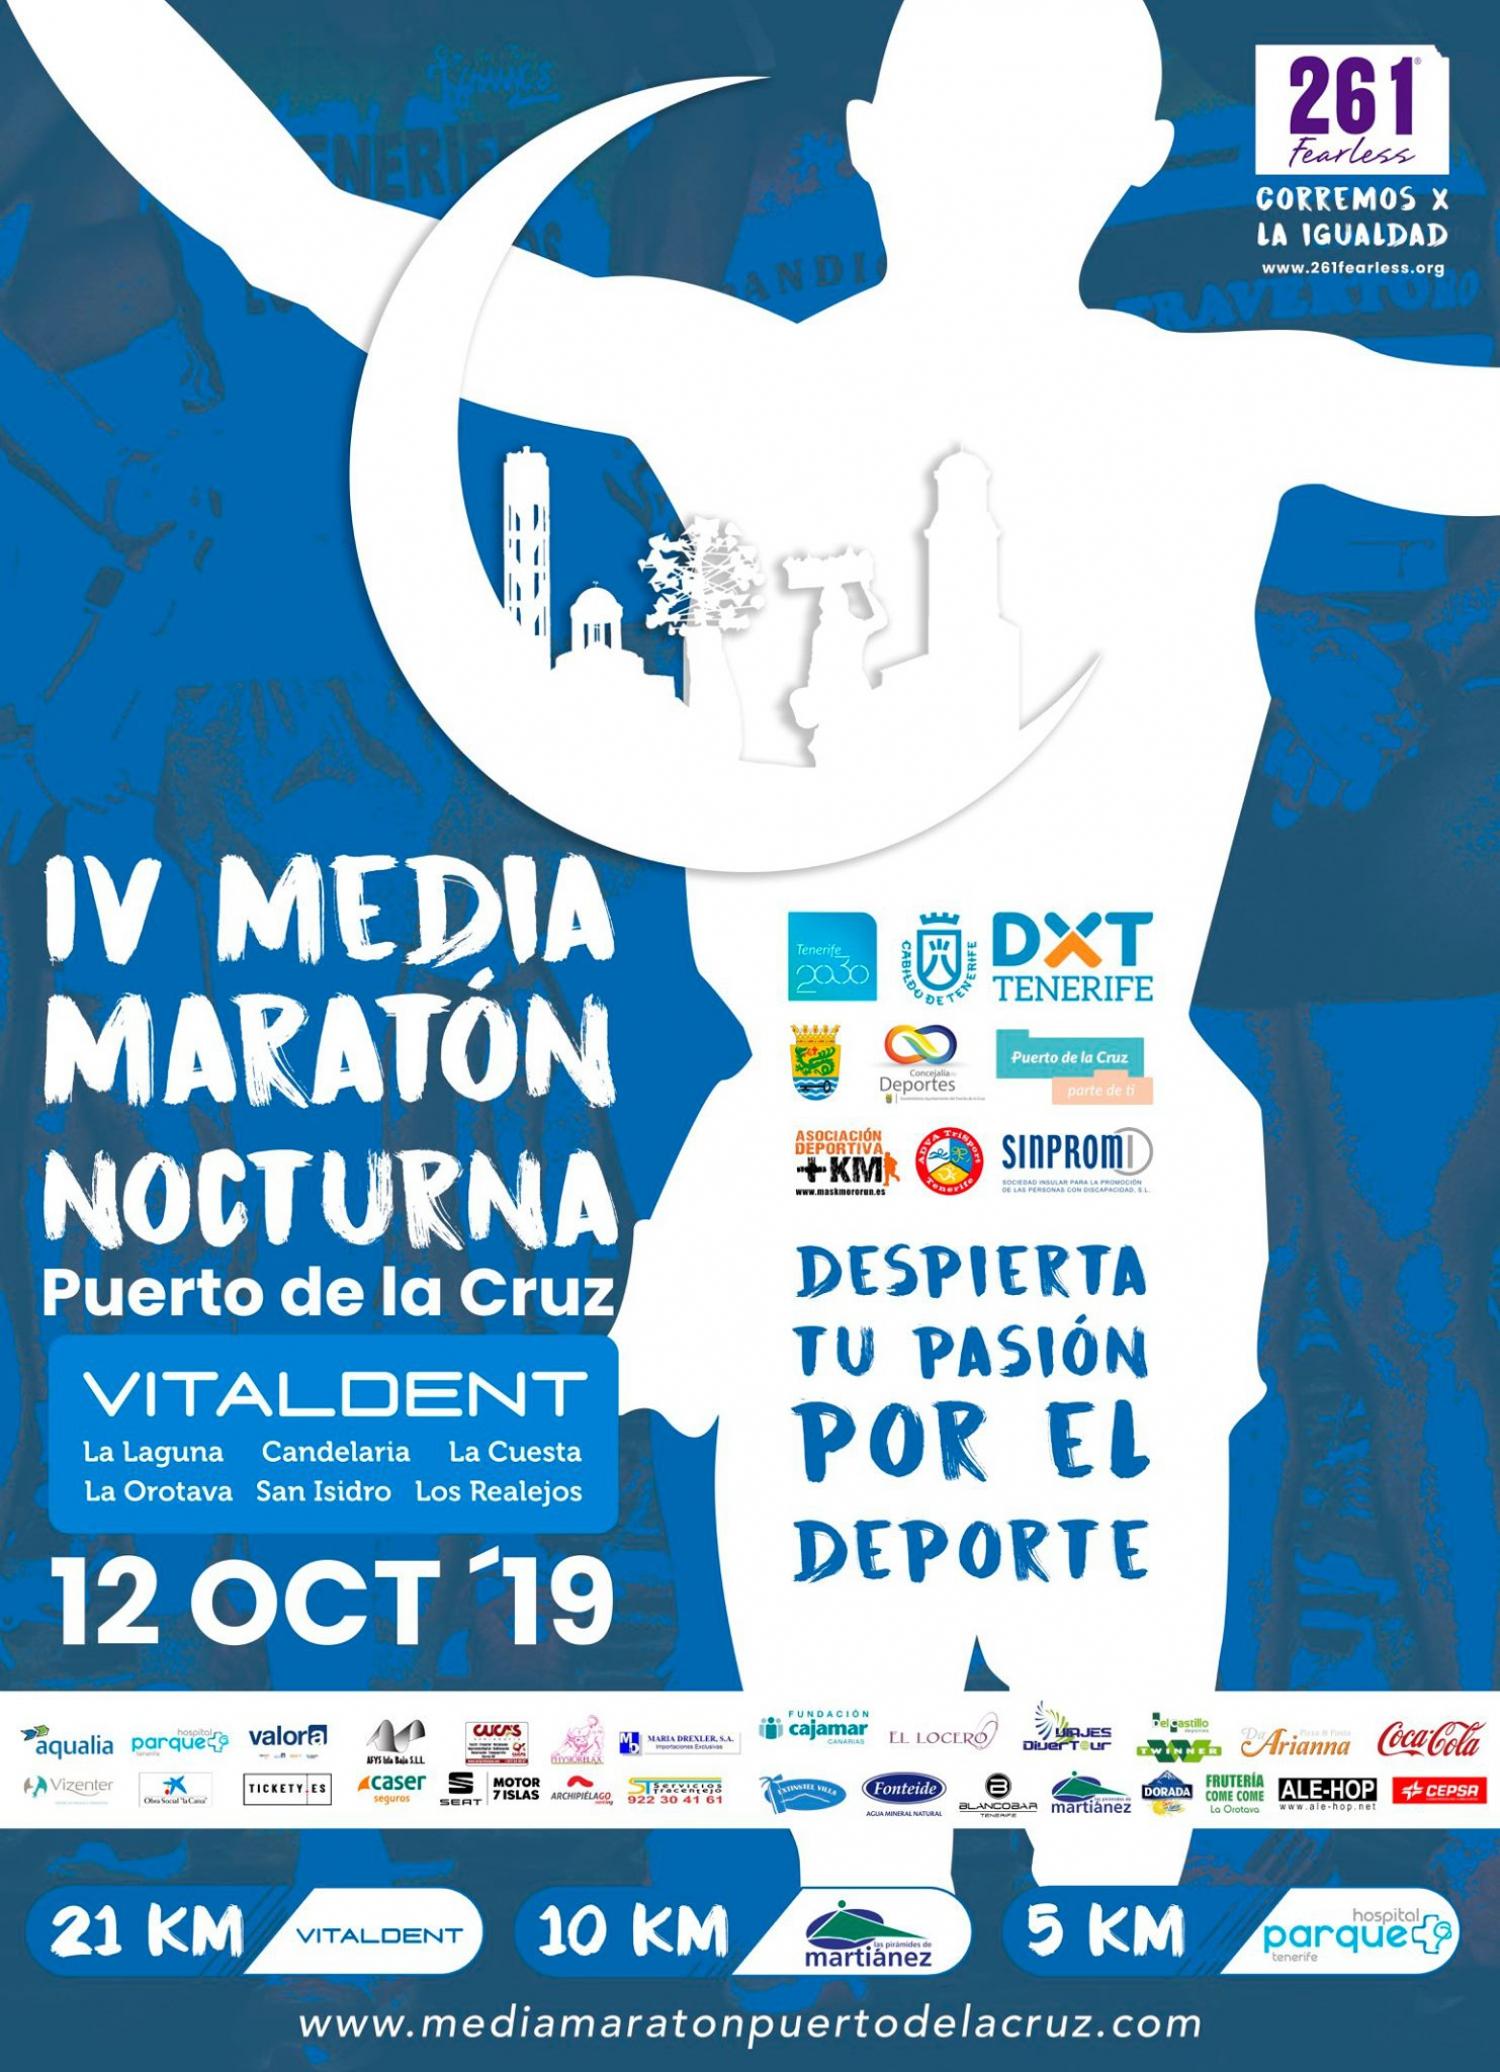 Nocturnal Half Marathon - Puerto de la Cruz